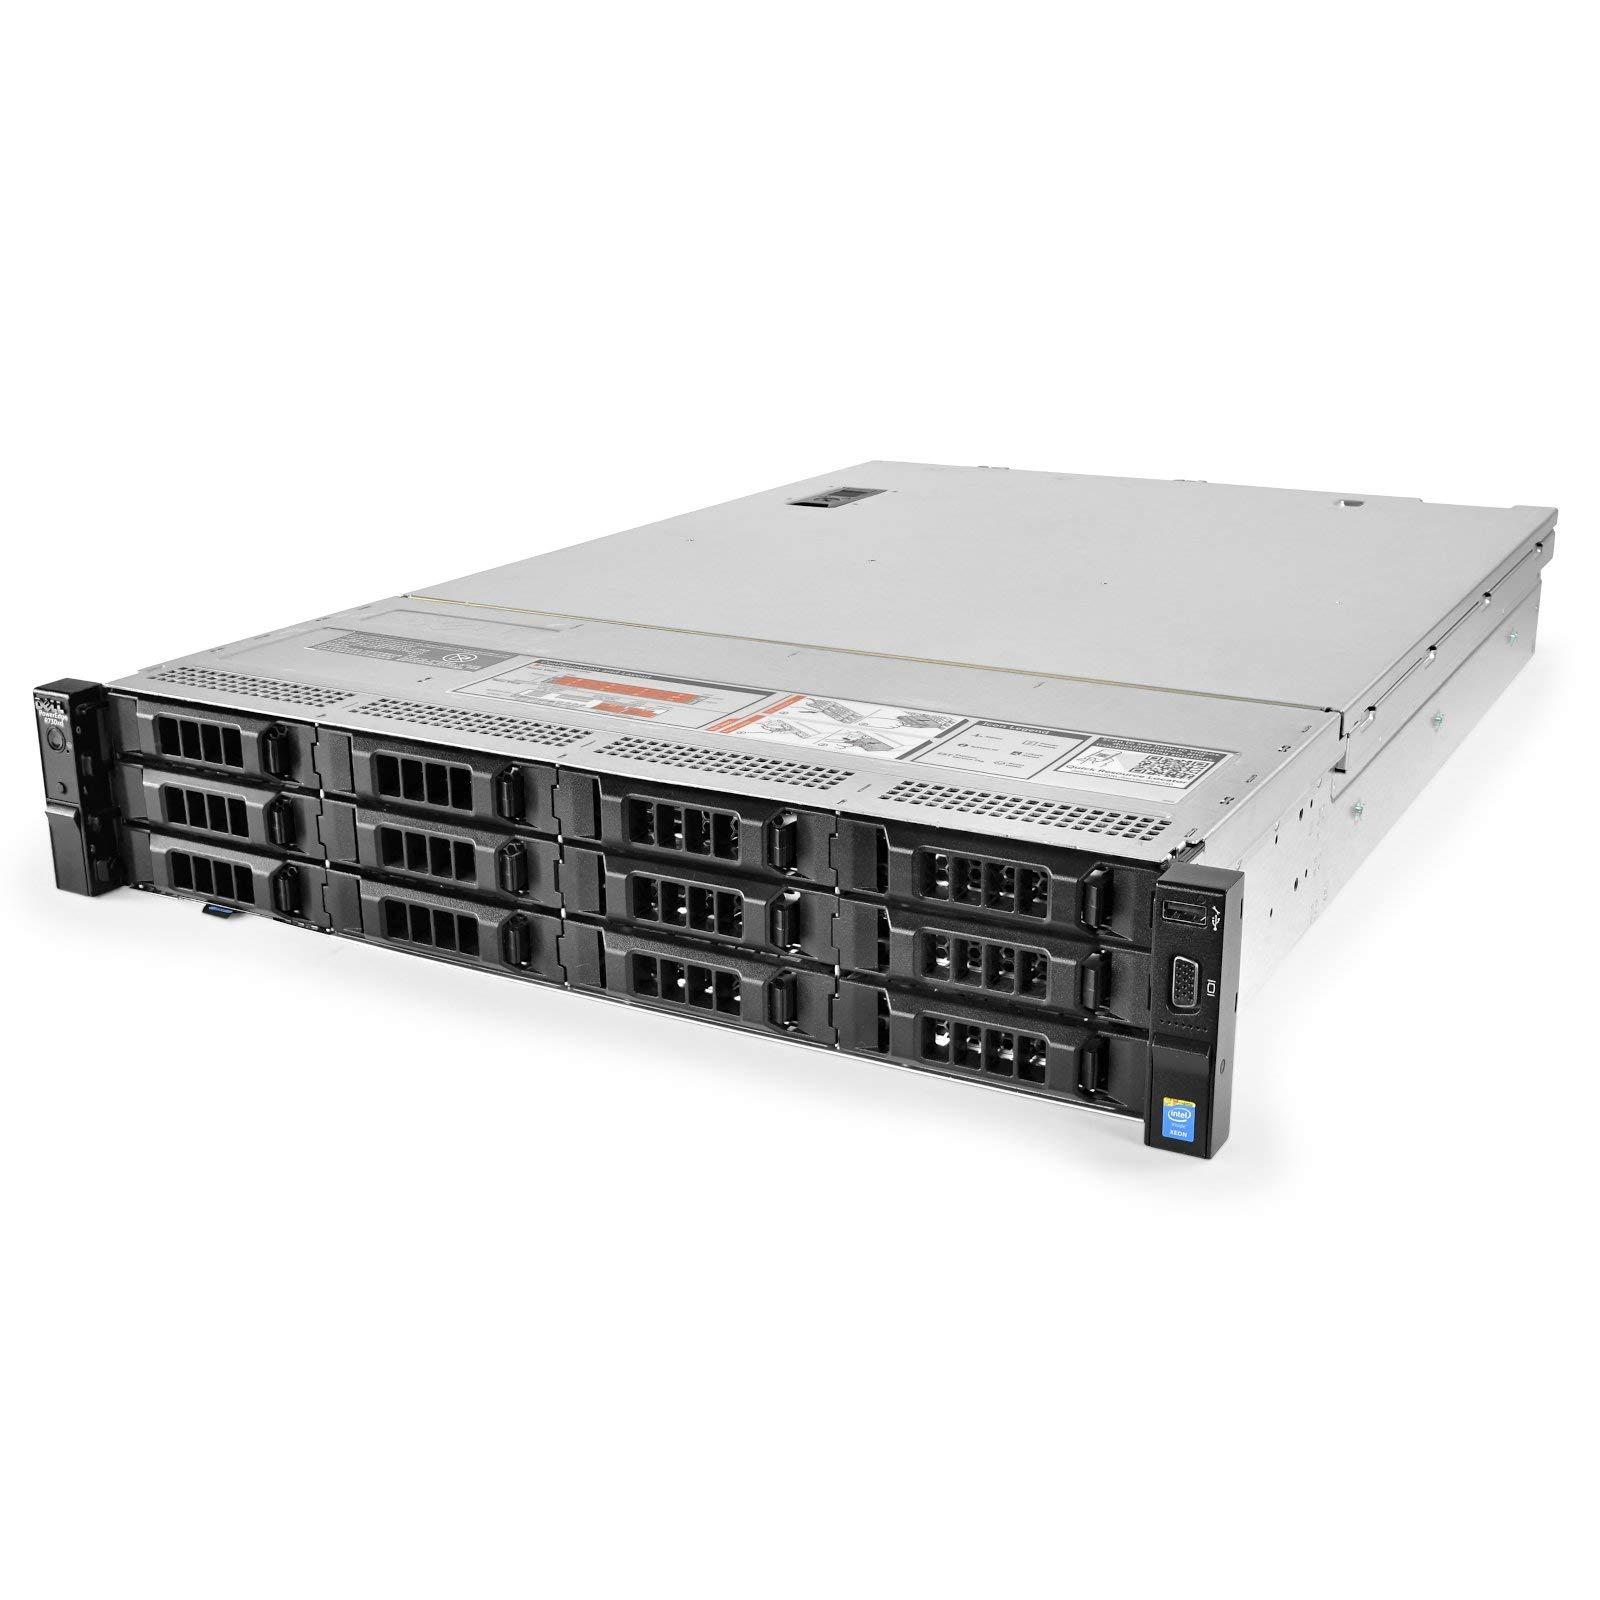 HP Proliant DL360 G9 4 Bays 3.5 Server 0TB - 1X 800W PSU NO HDD 48GB DDR4 REG Memory Renewed HP H240ar 12GB//S Raid Controller 2X Intel Xeon E5-2640 V3 2.6GHz 8 Core